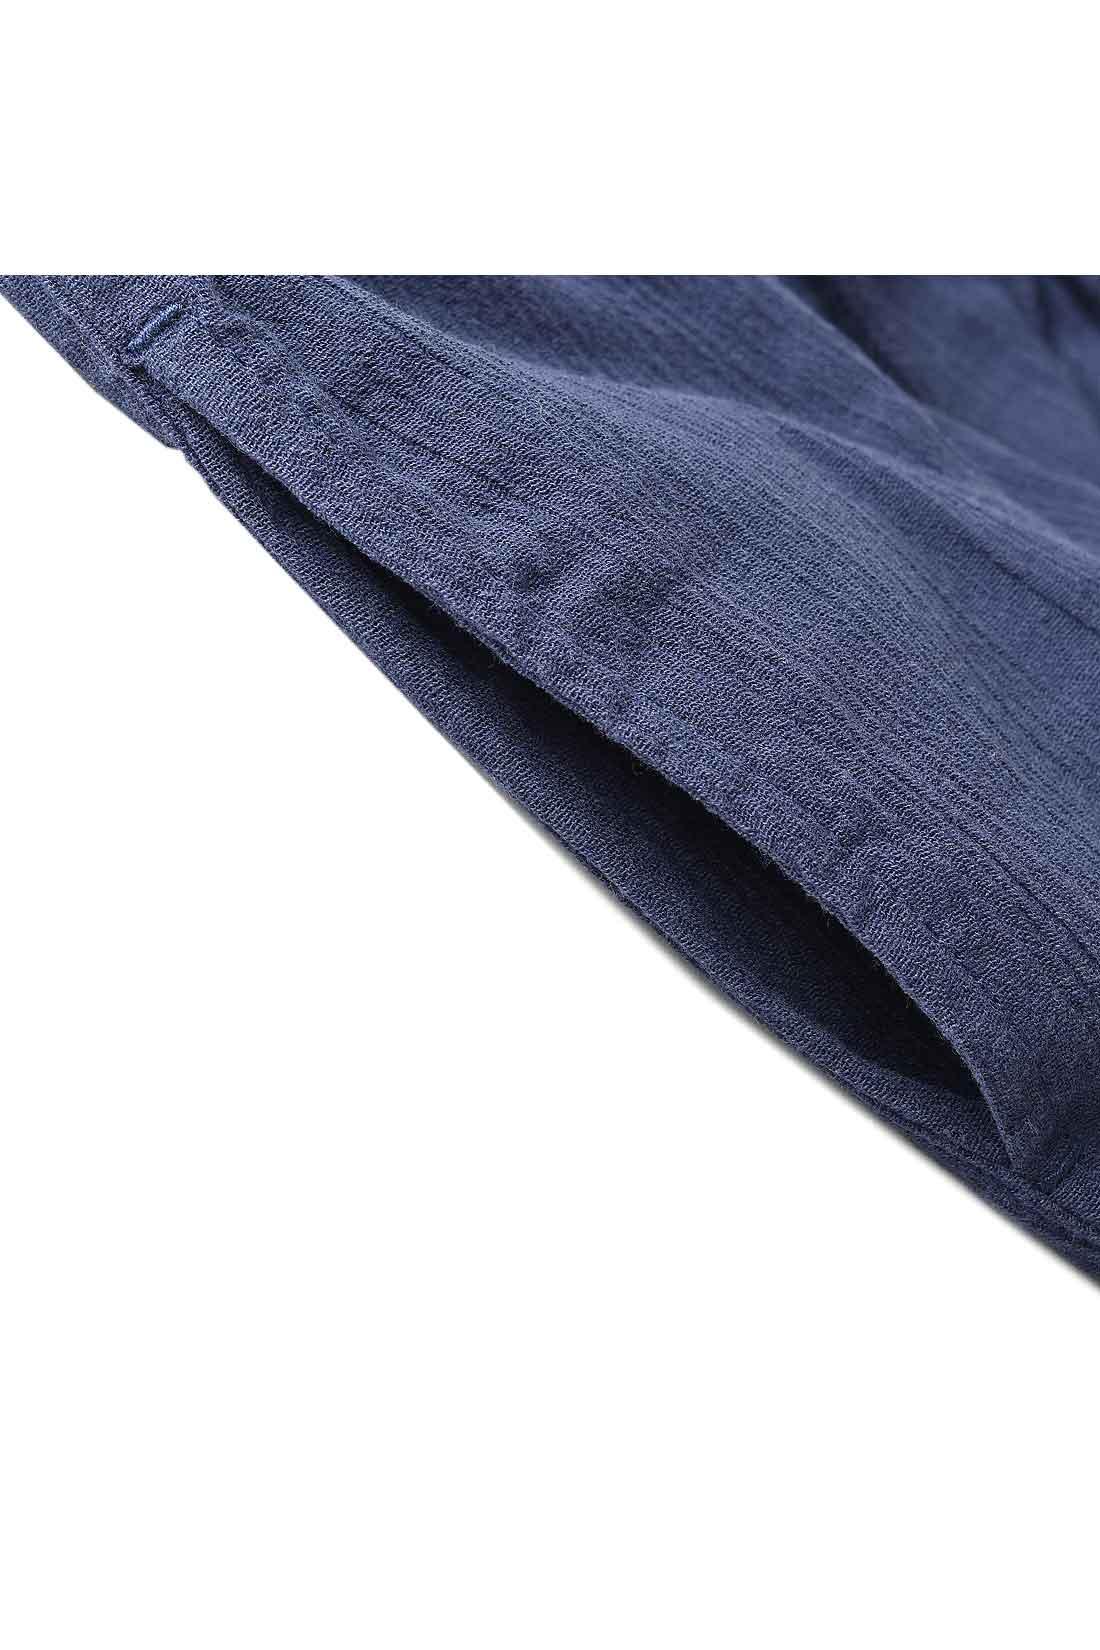 なにかと便利な両ポケット付き。